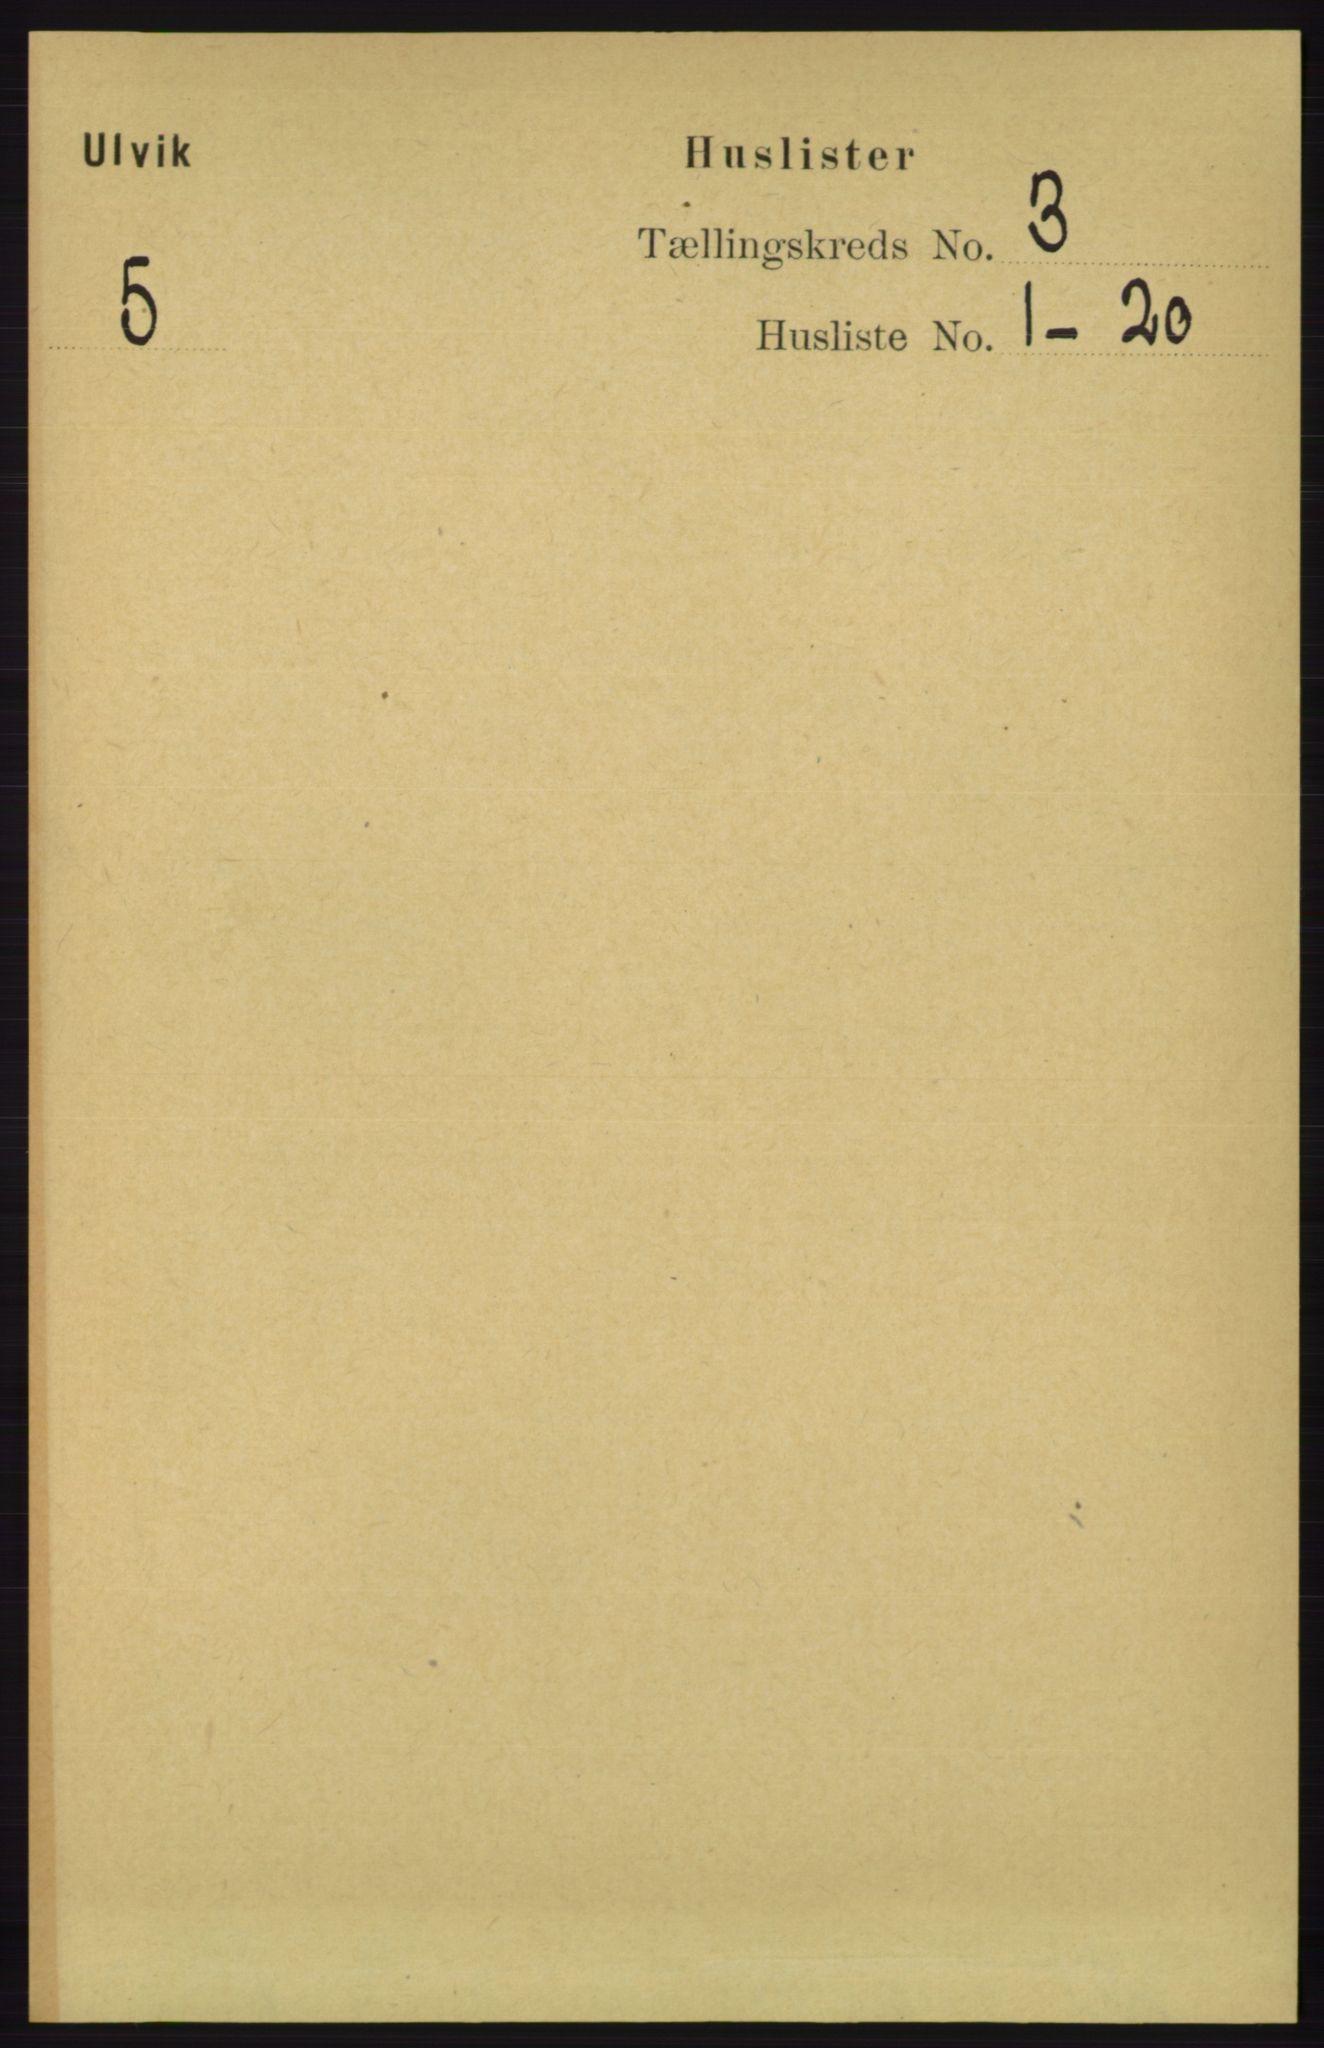 RA, Folketelling 1891 for 1233 Ulvik herred, 1891, s. 316